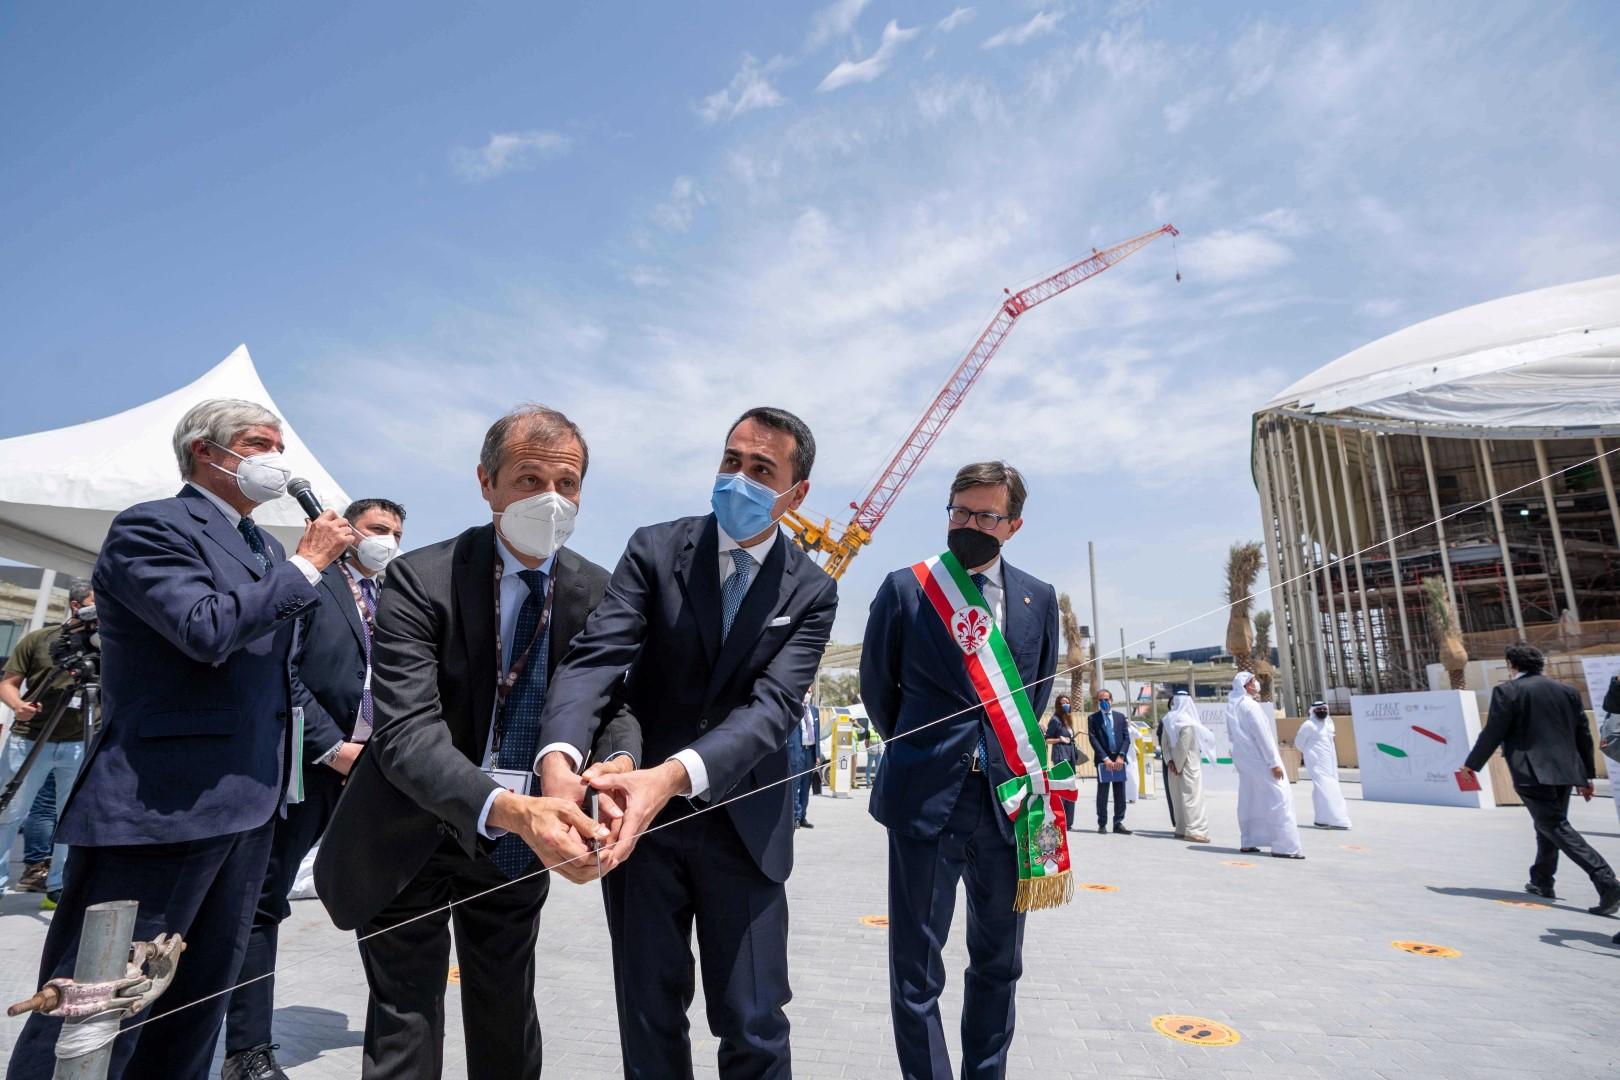 """في احتفالية اكتمال جناح إيطاليا.. كشف النقاب عن توأم منحوتة """"ديفيد"""" لمايكل أنجلو في إكسبو 2020 دبي"""